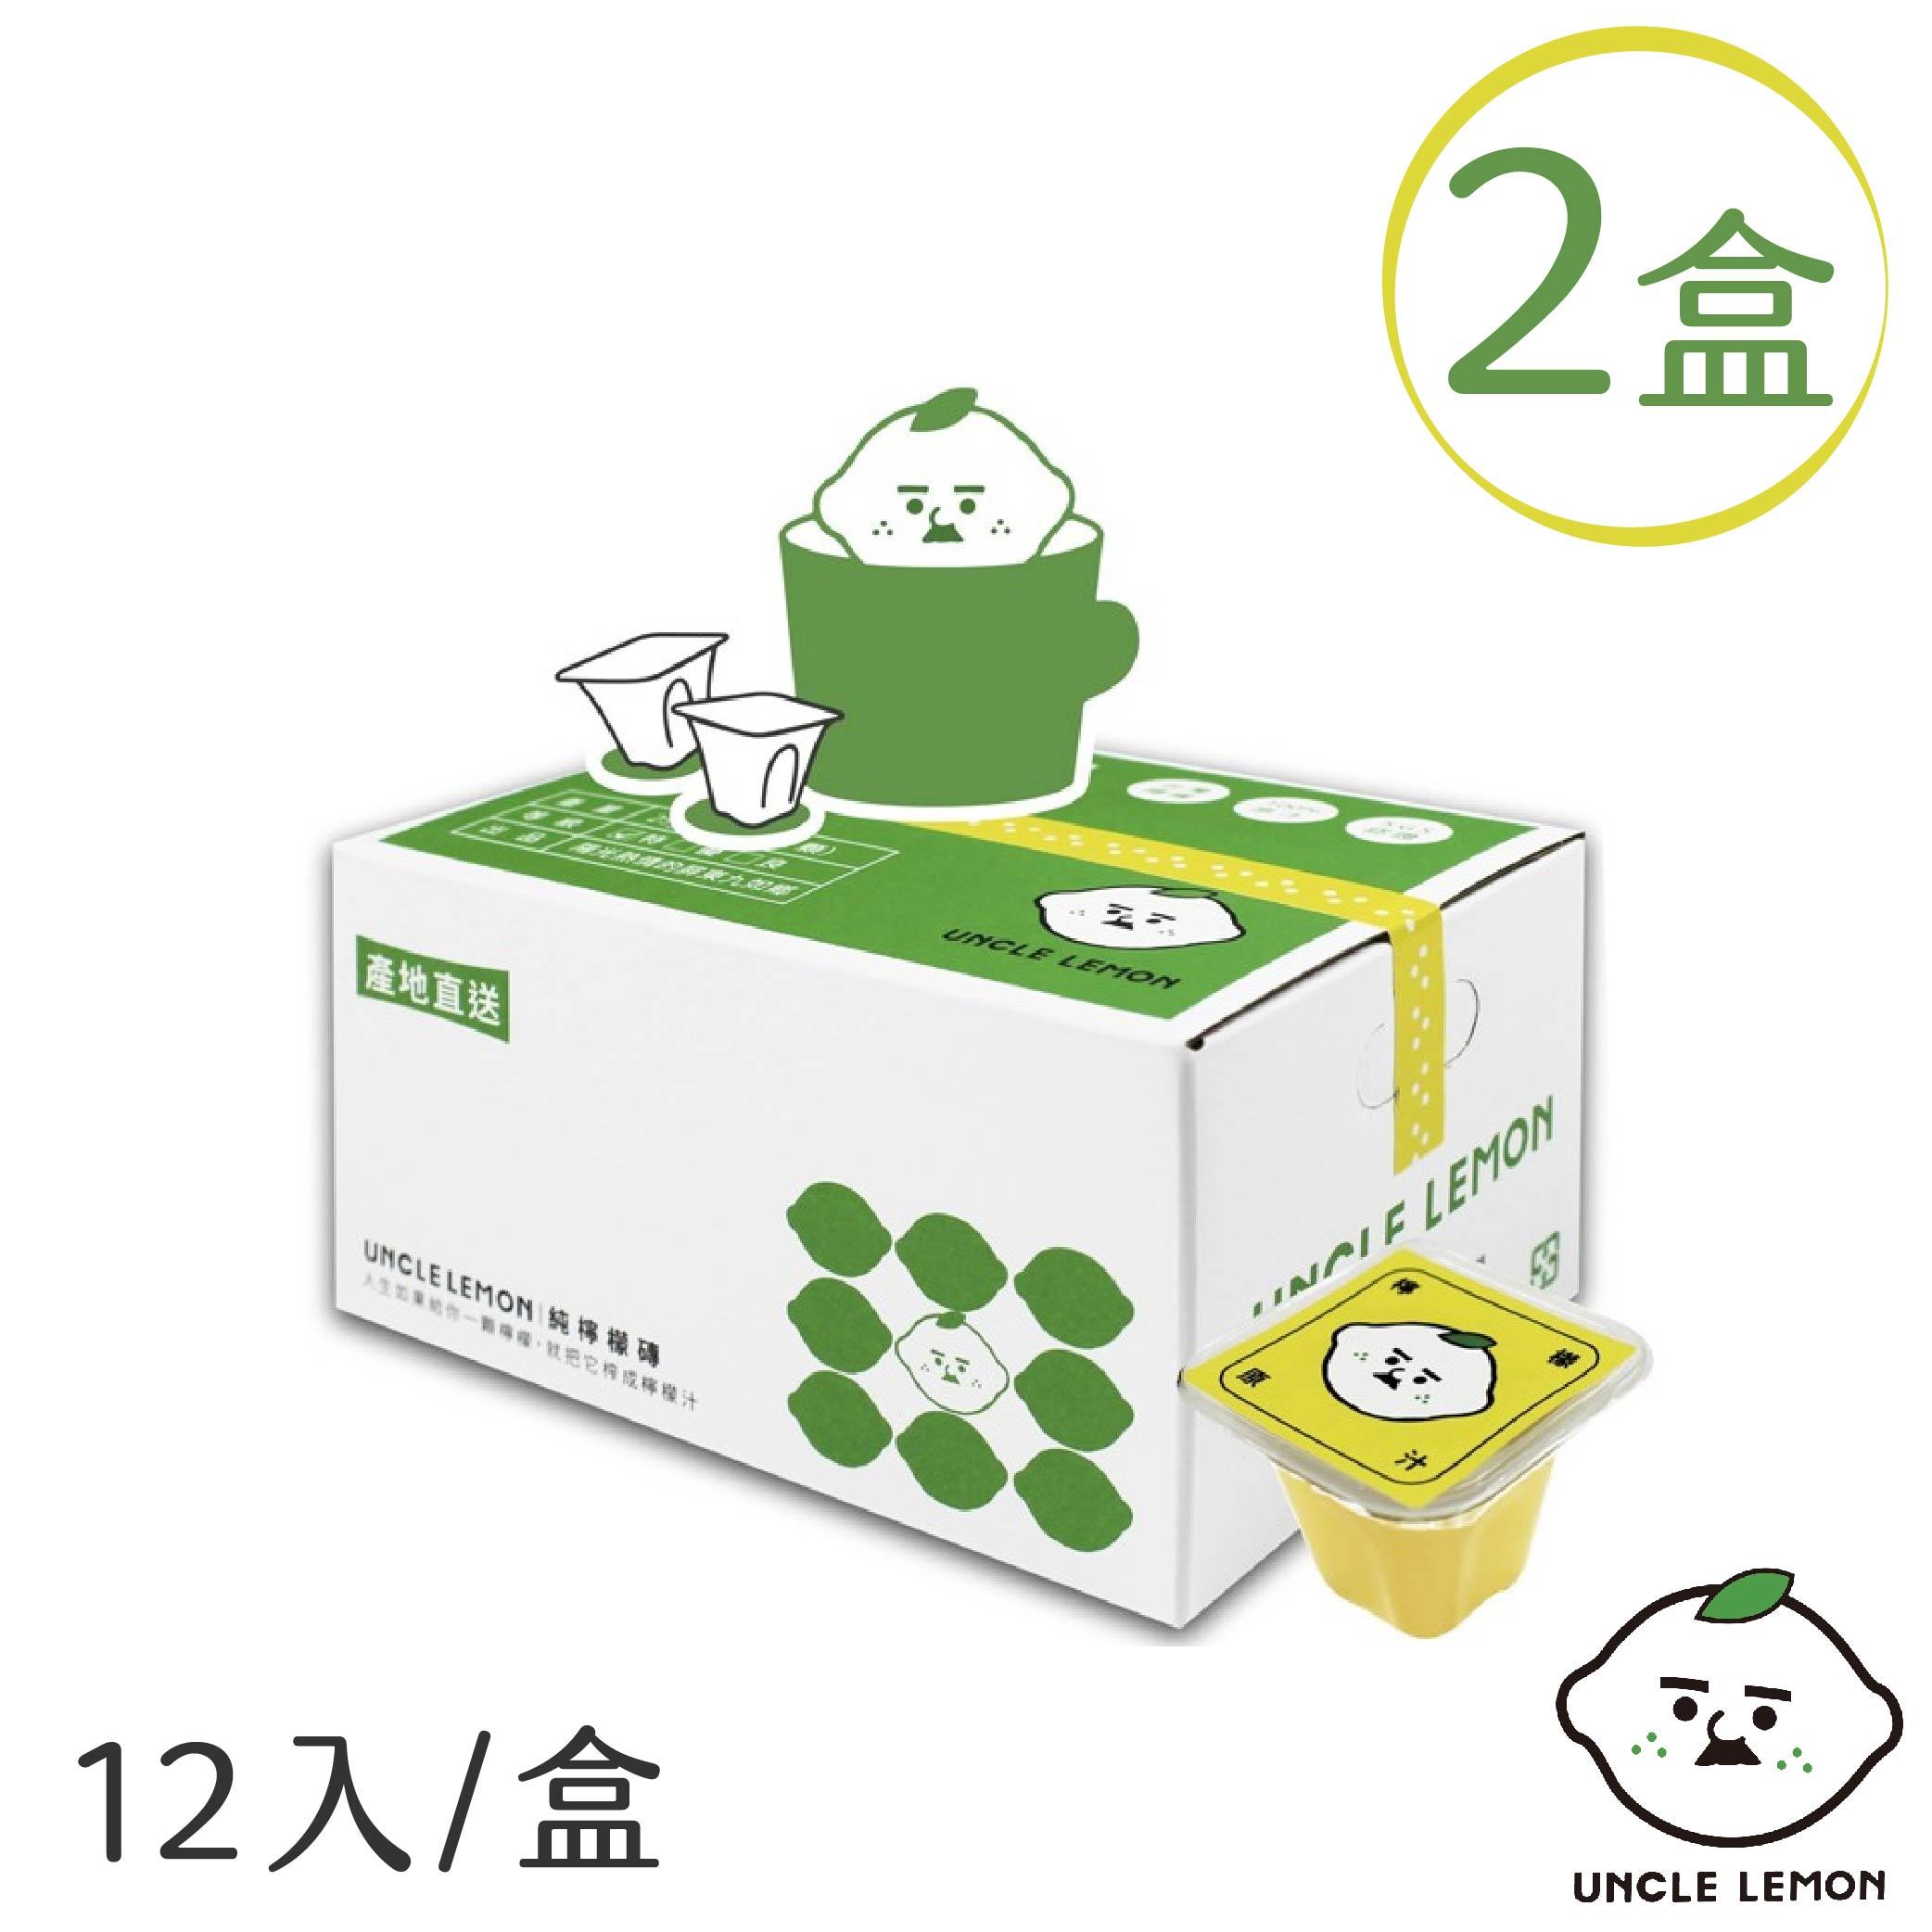 【檸檬大叔】常溫純檸檬磚 2盒 (1盒12顆)